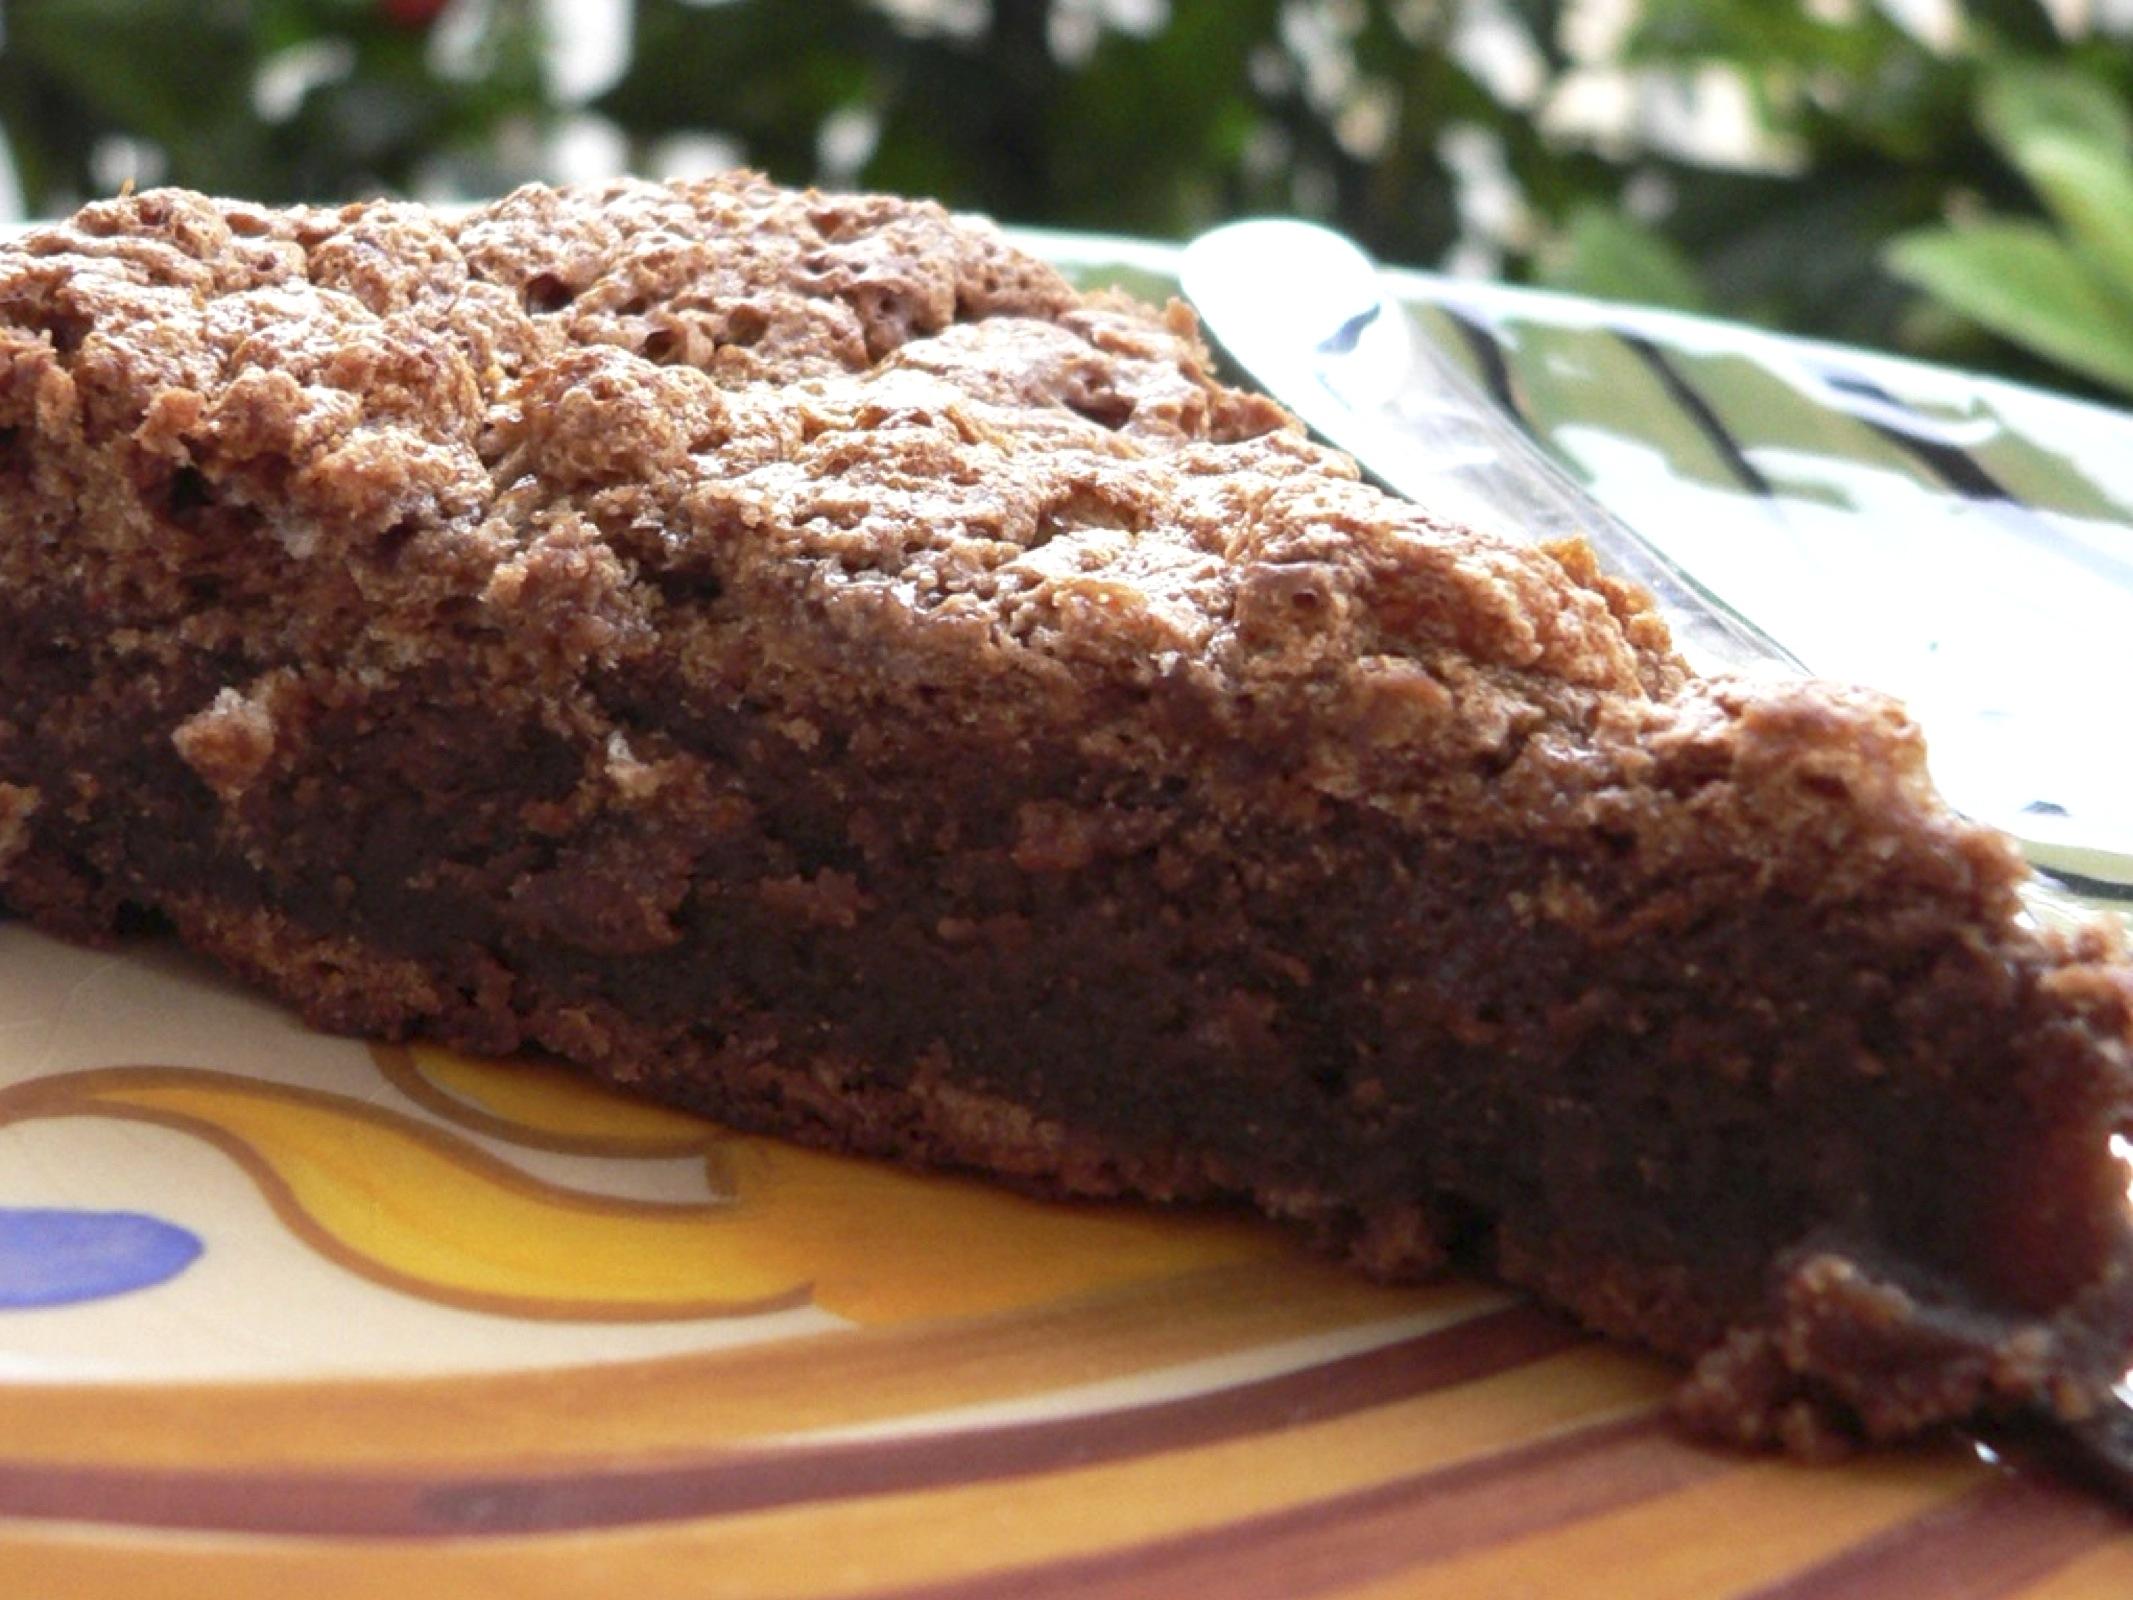 Torta al cioccolato con uova di pasqua bimby tm31 tm 5 for Ricette bimby torte